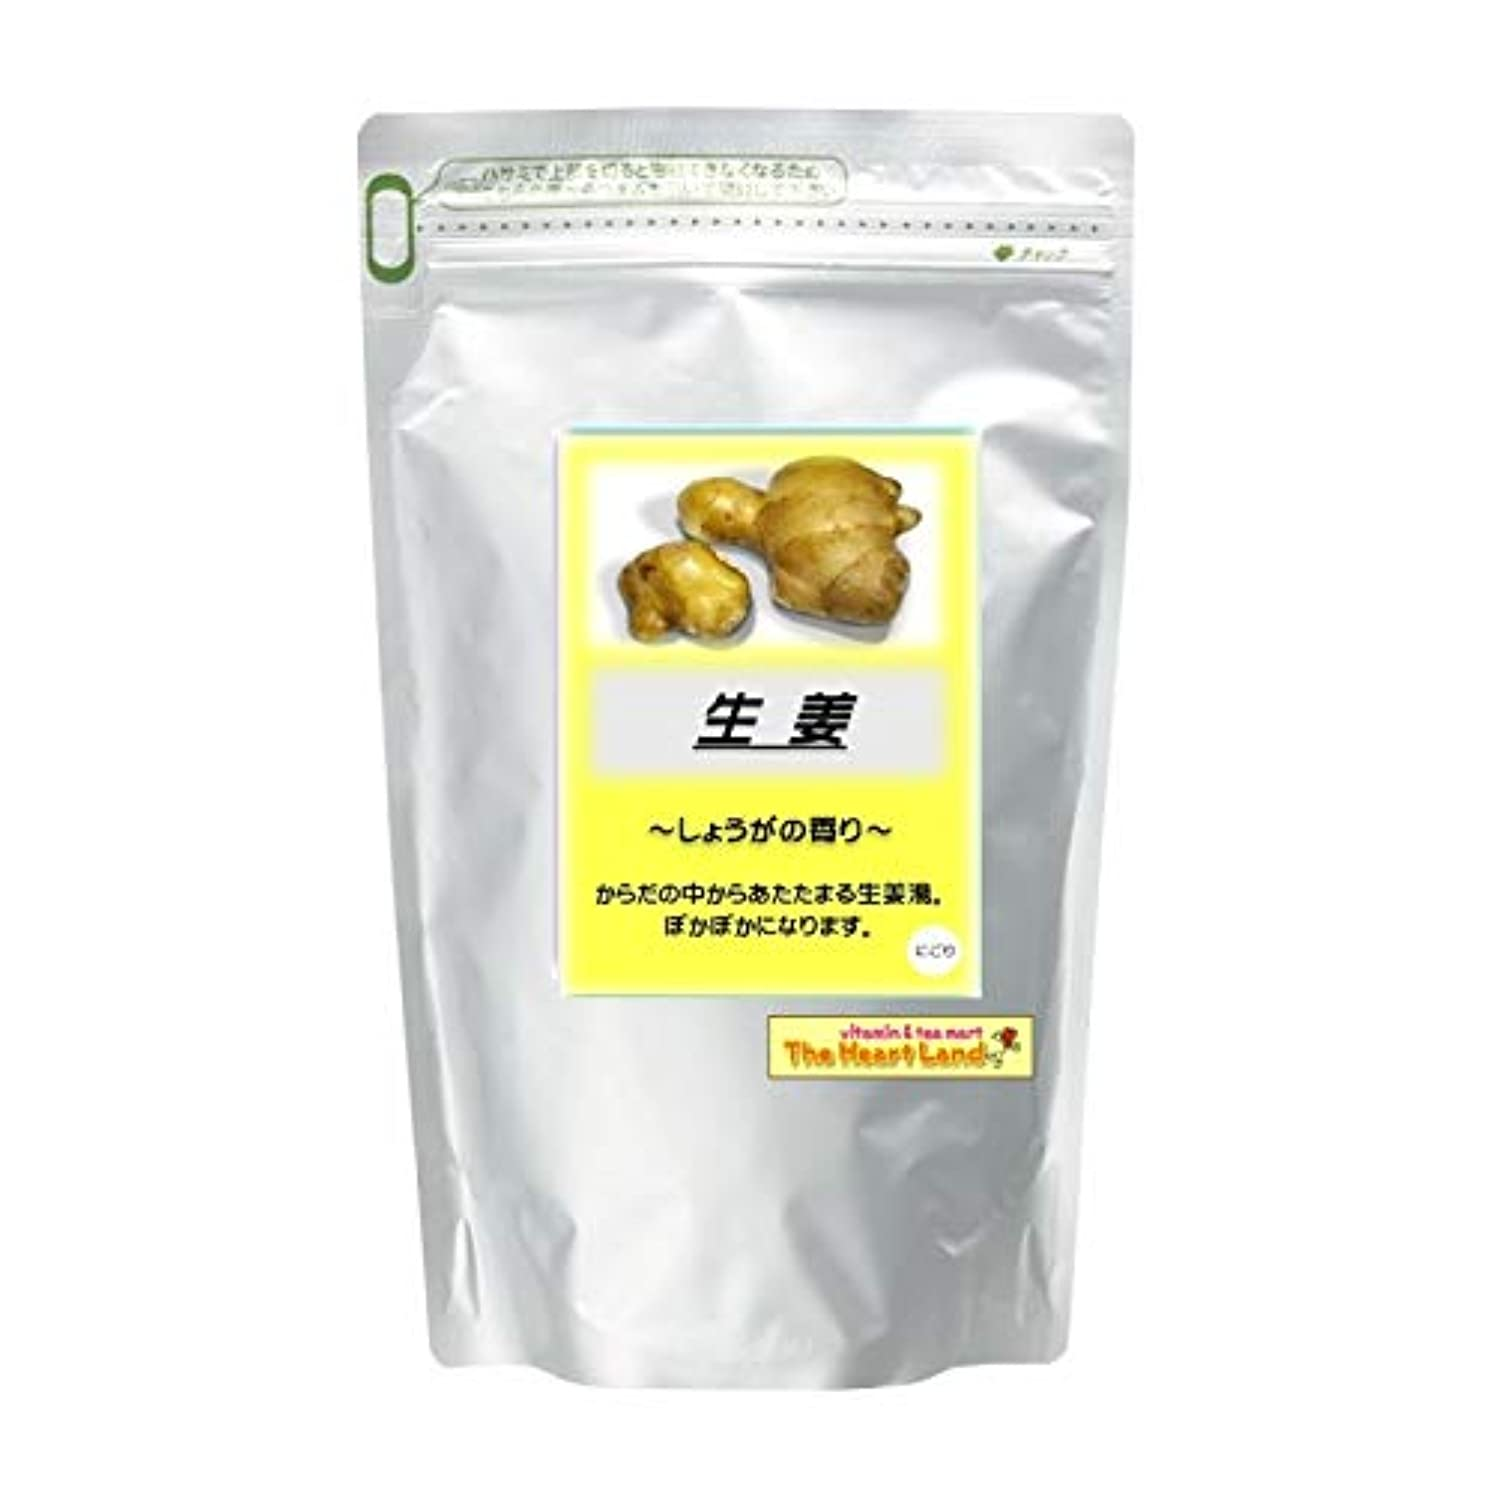 ブロック海外で夕食を作るアサヒ入浴剤 浴用入浴化粧品 生姜 2.5kg